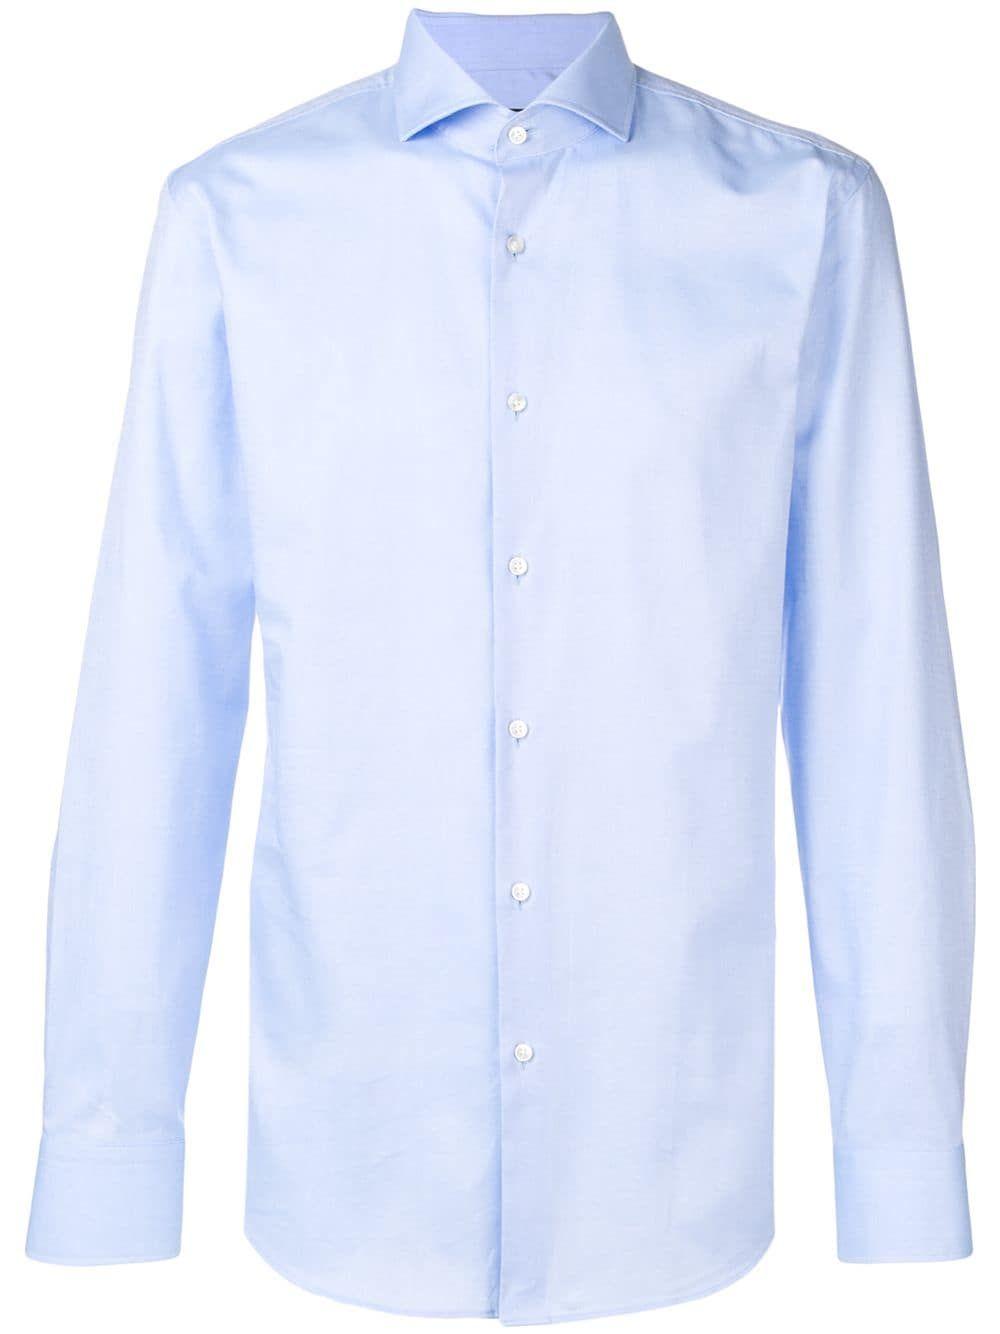 685e55a89 BOSS HUGO BOSS BOSS HUGO BOSS CLASSIC SHIRT - BLUE. #bosshugoboss #cloth